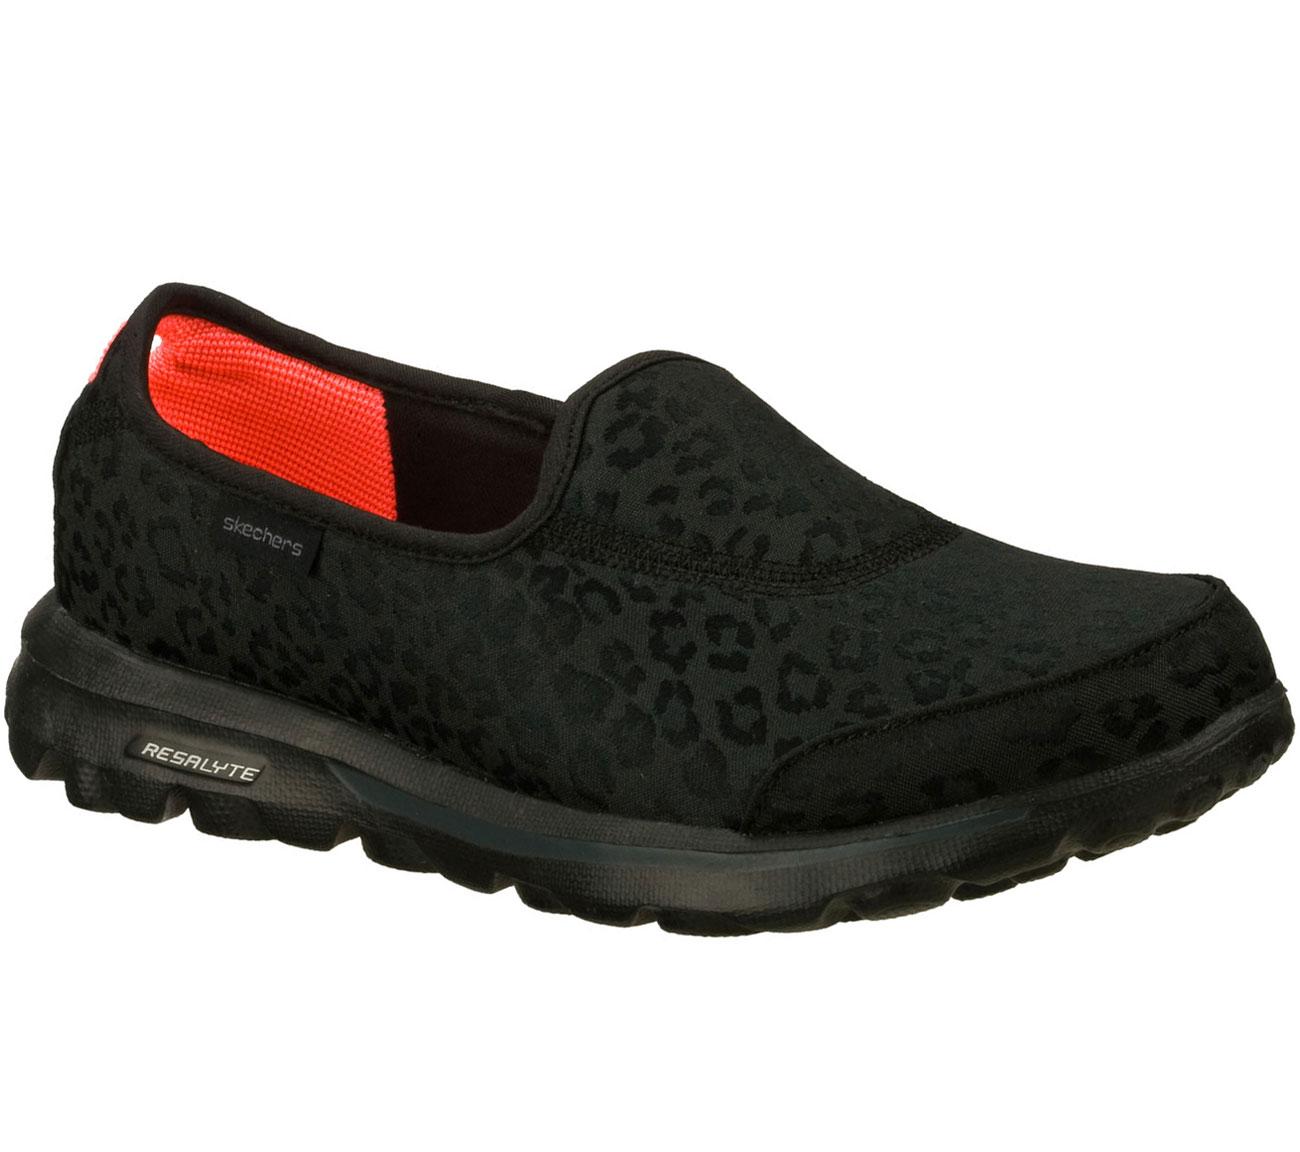 skechers gowalk safari shoes sneakers